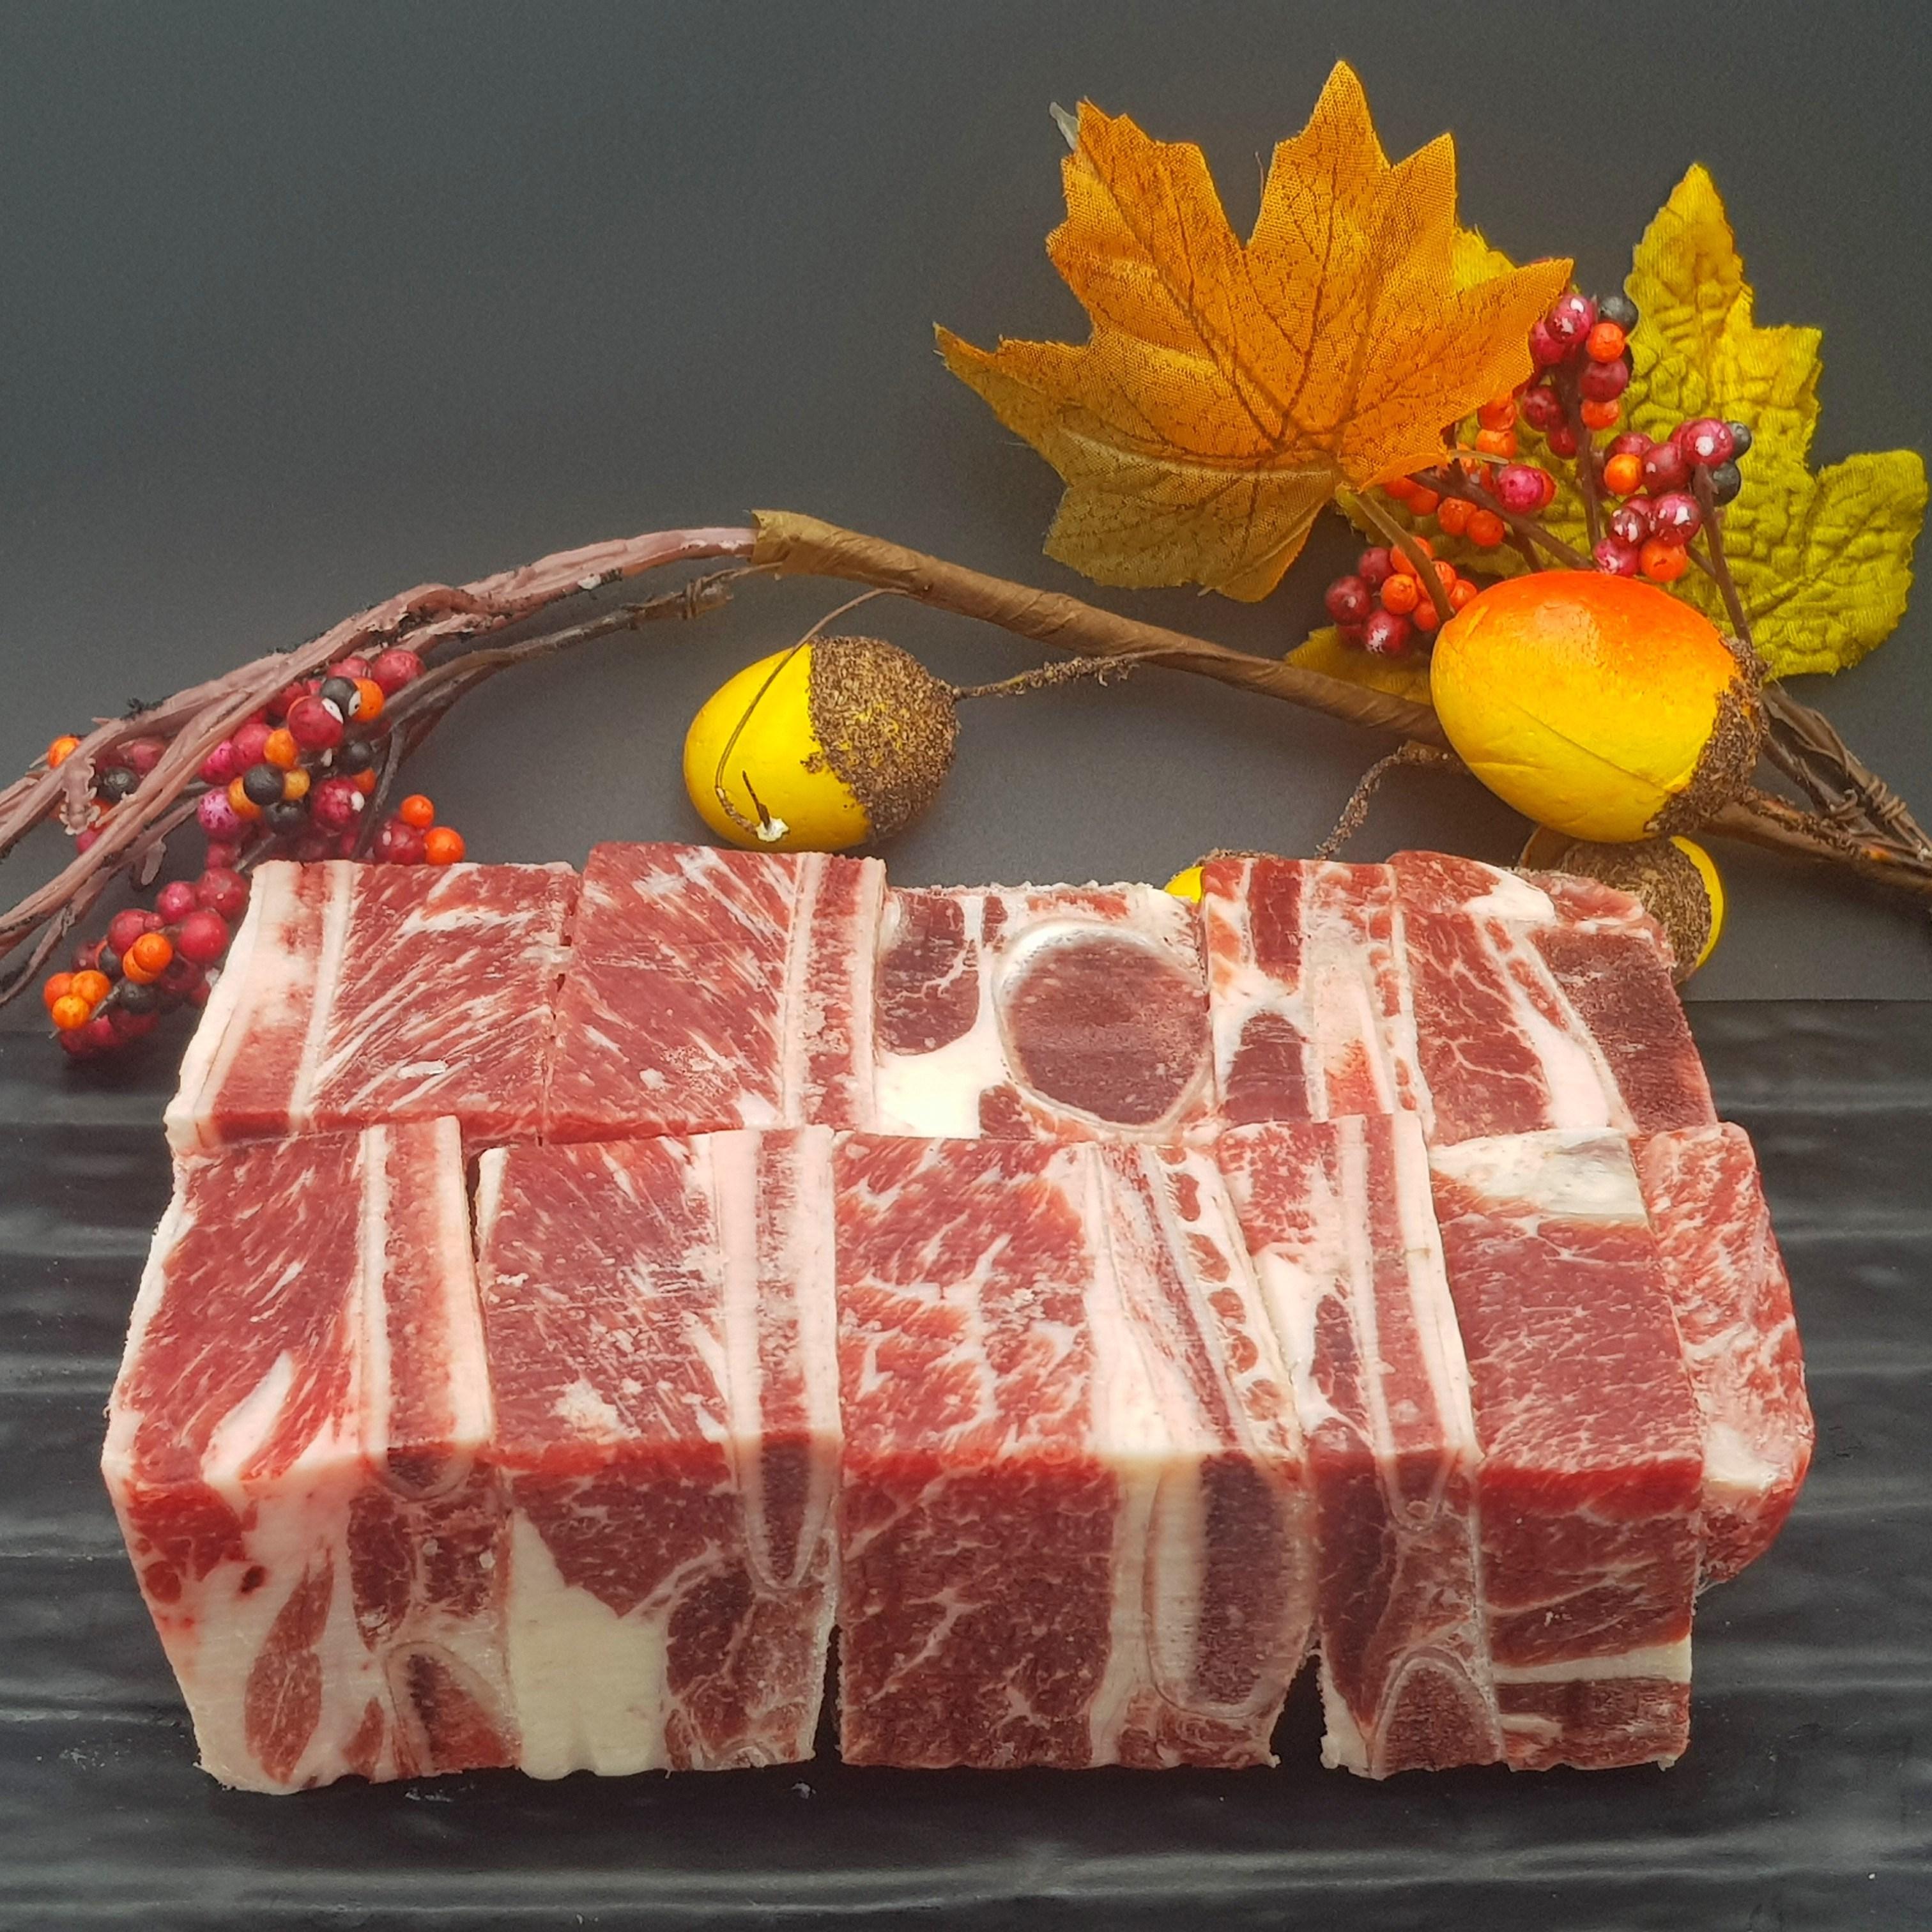 고기좀먹고살자 미국산 찜갈비 [ 냉동육 ], 1세트, 1.6kg